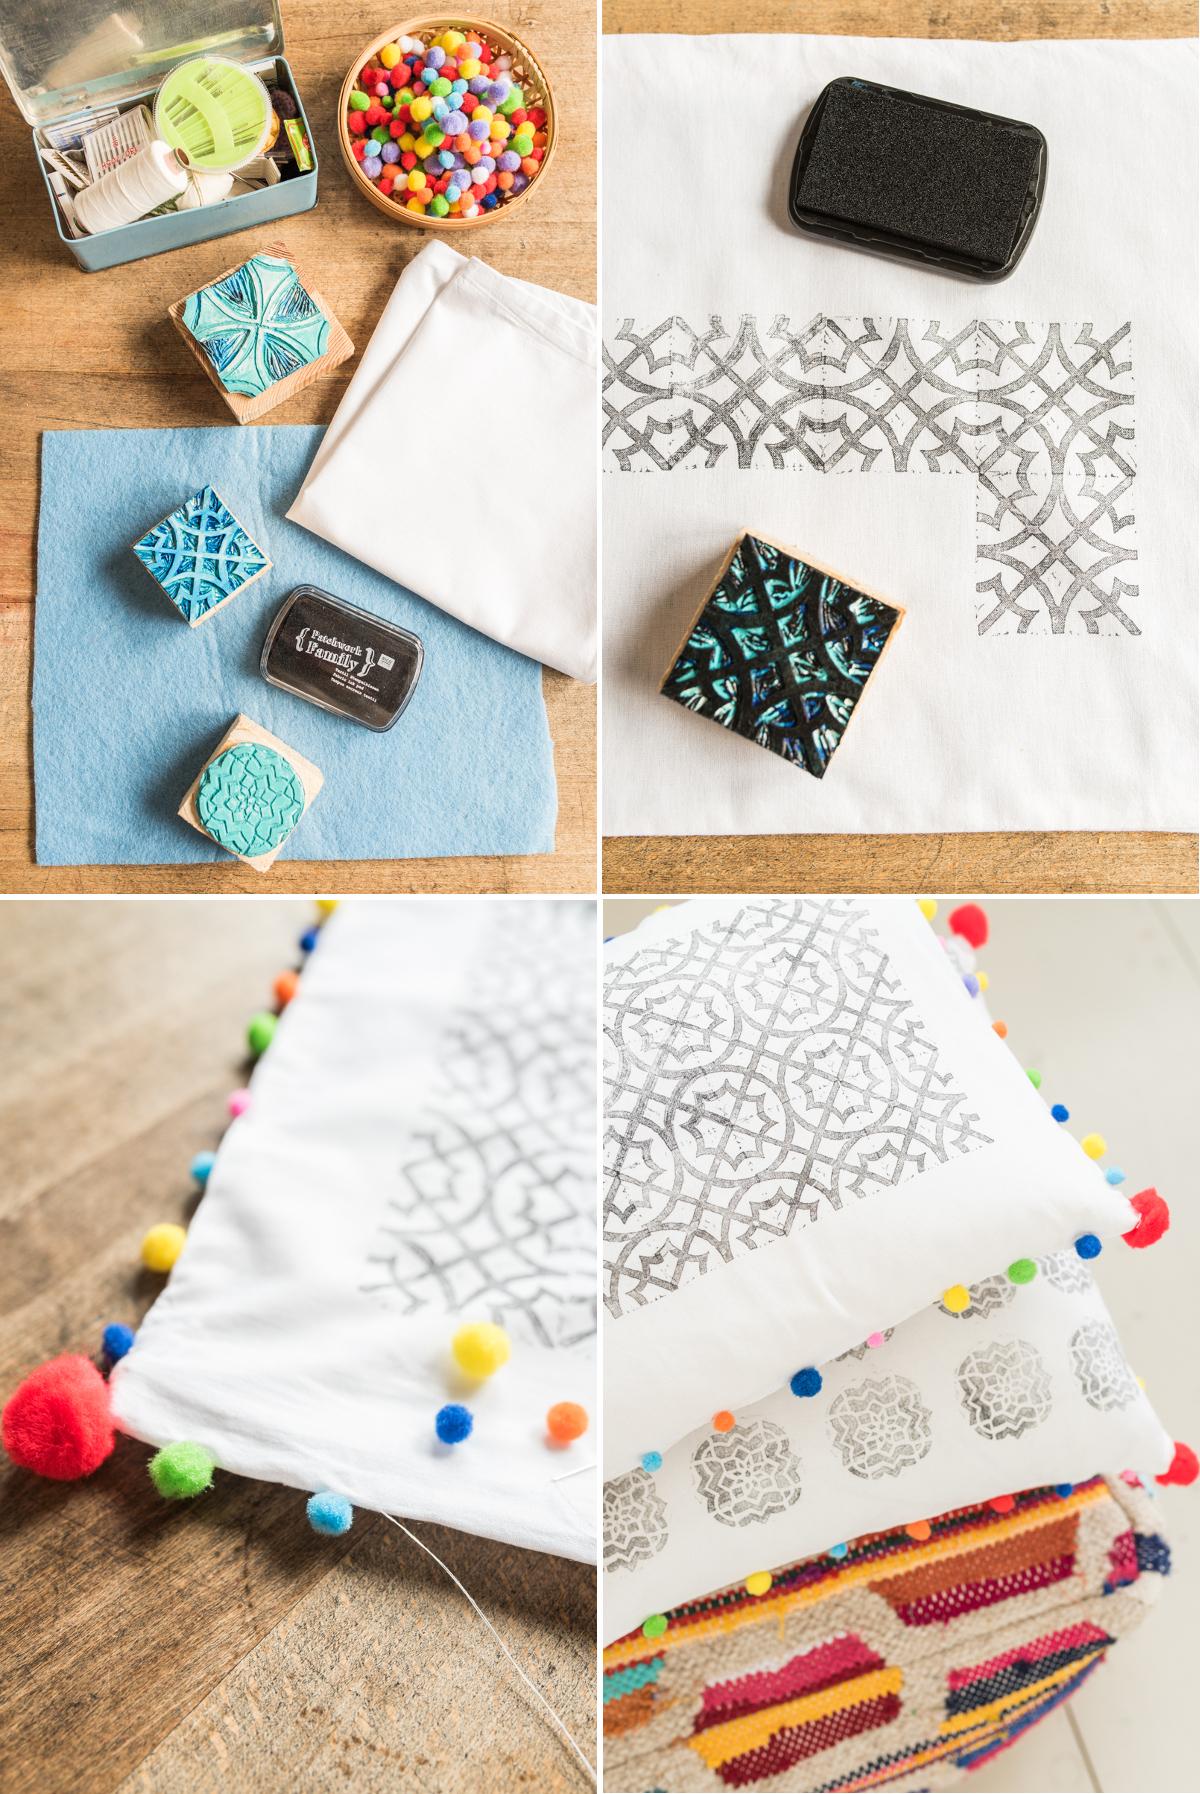 Anleitung für selbst gemachte DIY Kissen mit Textilfarbe, Stempeln und bunten Pompoms als Deko für das Wohnzimmer im Boho vintage Look